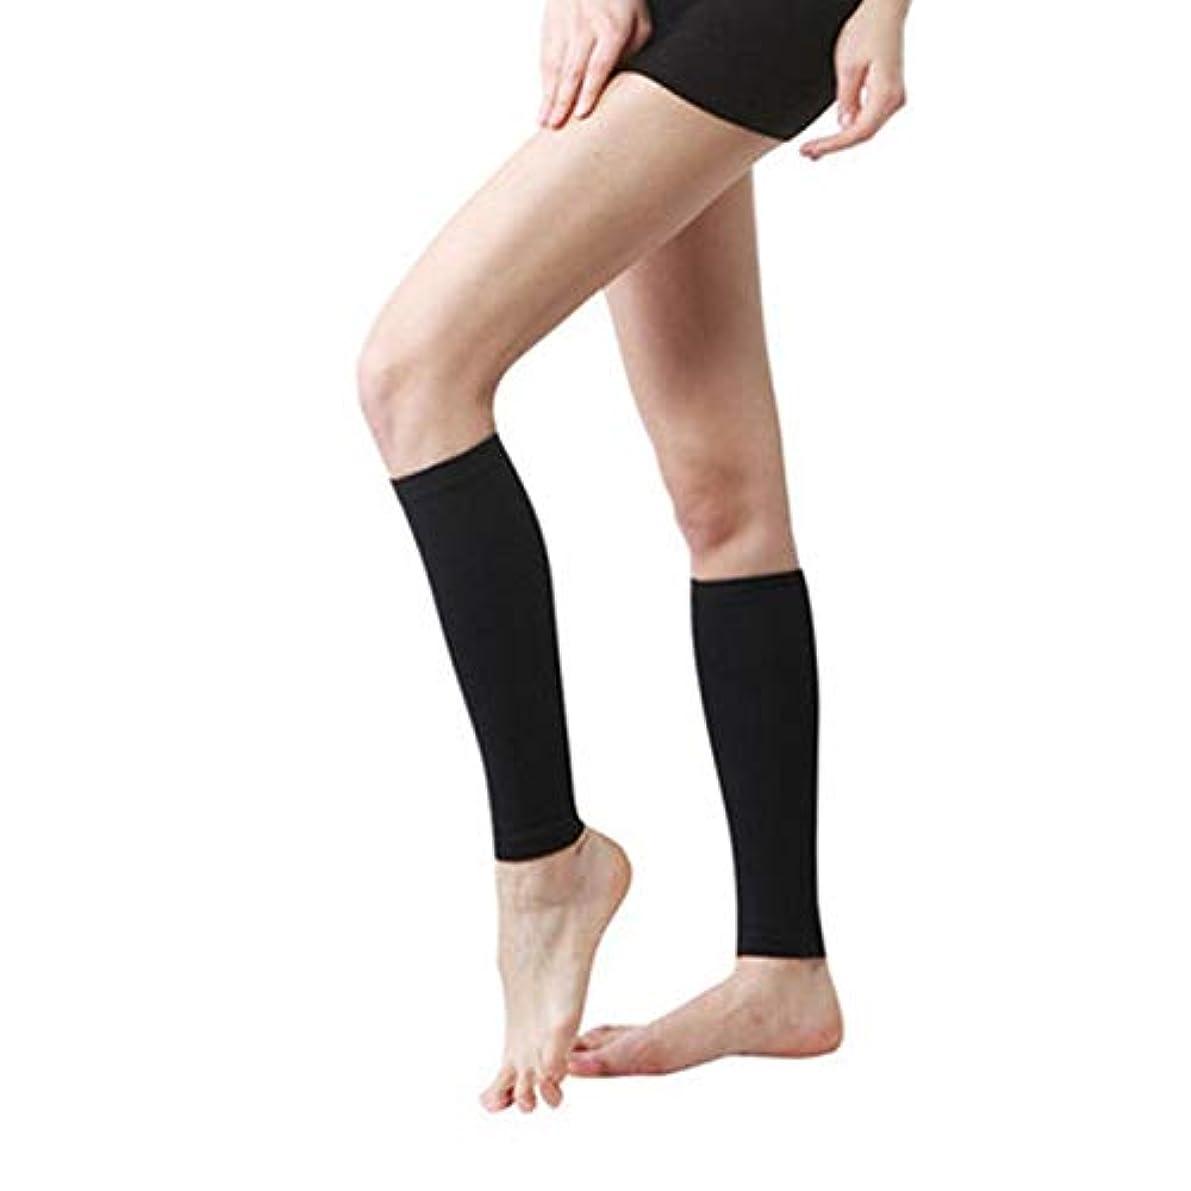 操作可能騒ぎ列車丈夫な男性女性プロの圧縮靴下通気性のある旅行活動看護師用シンススプリントフライトトラベル - ブラック